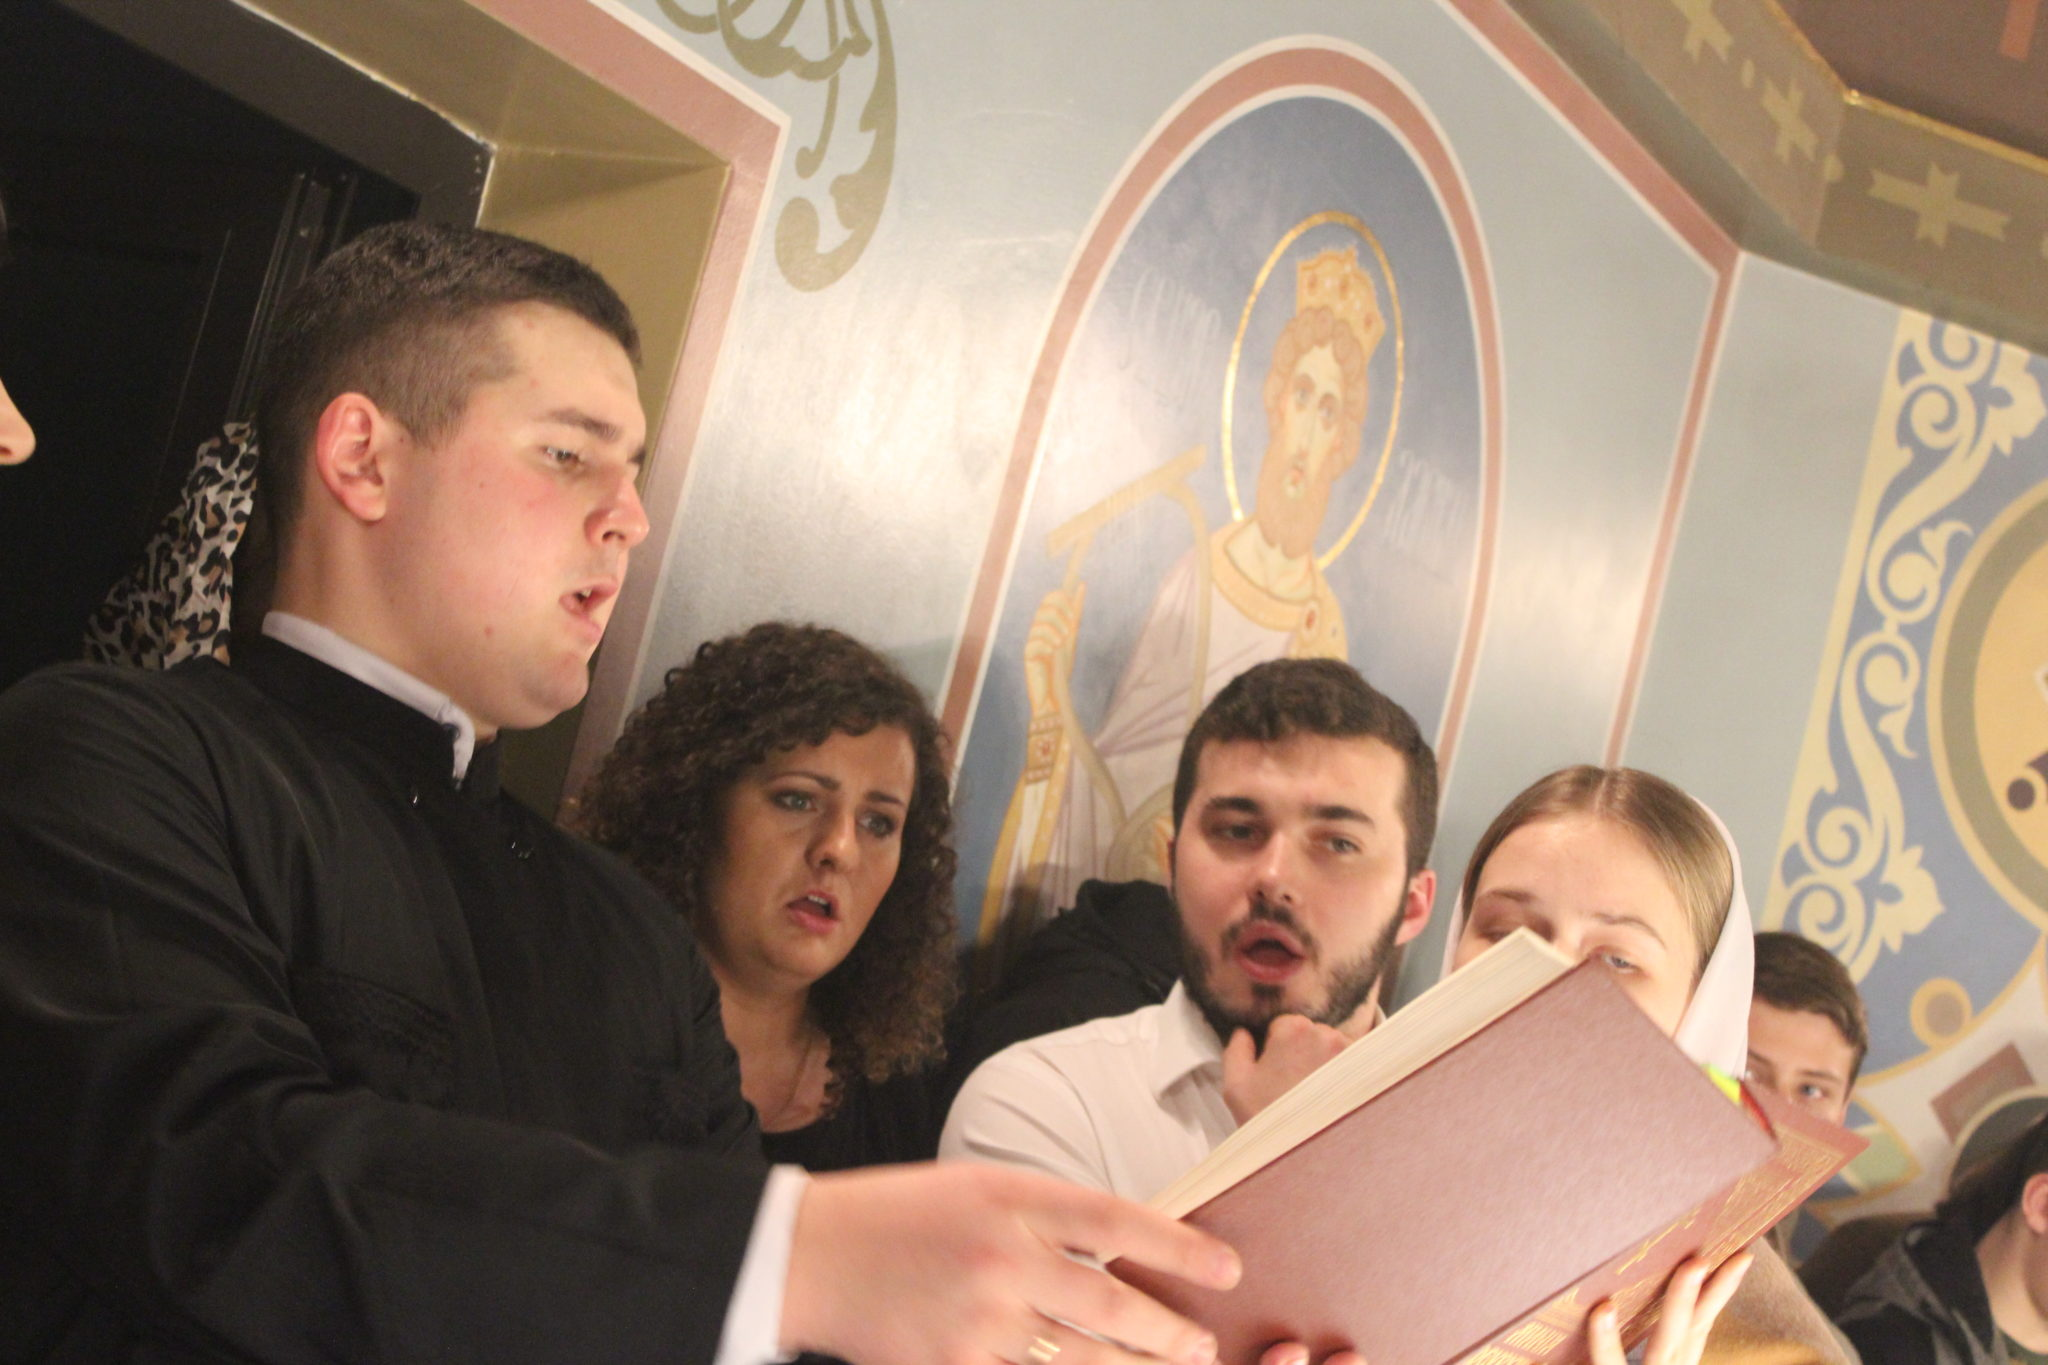 cerkiew prawosławie Światowe Dni Młodzieży Prawosławnej